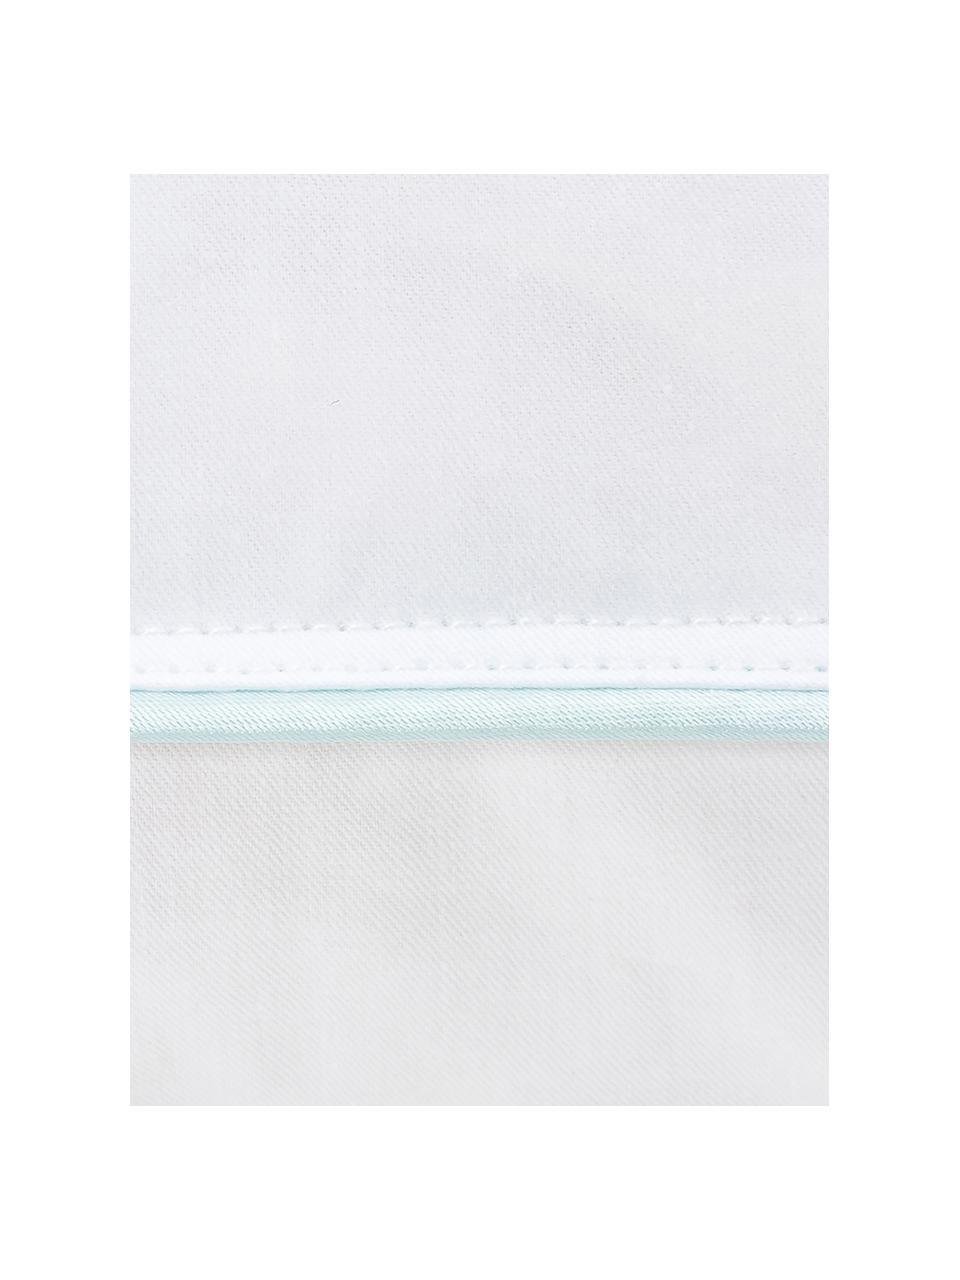 Feder-Kopfkissen Comfort, weich, Hülle: 100% Baumwolle, Mako-Fein, Weiß mit türkiser Satinbiese, 80 x 80 cm